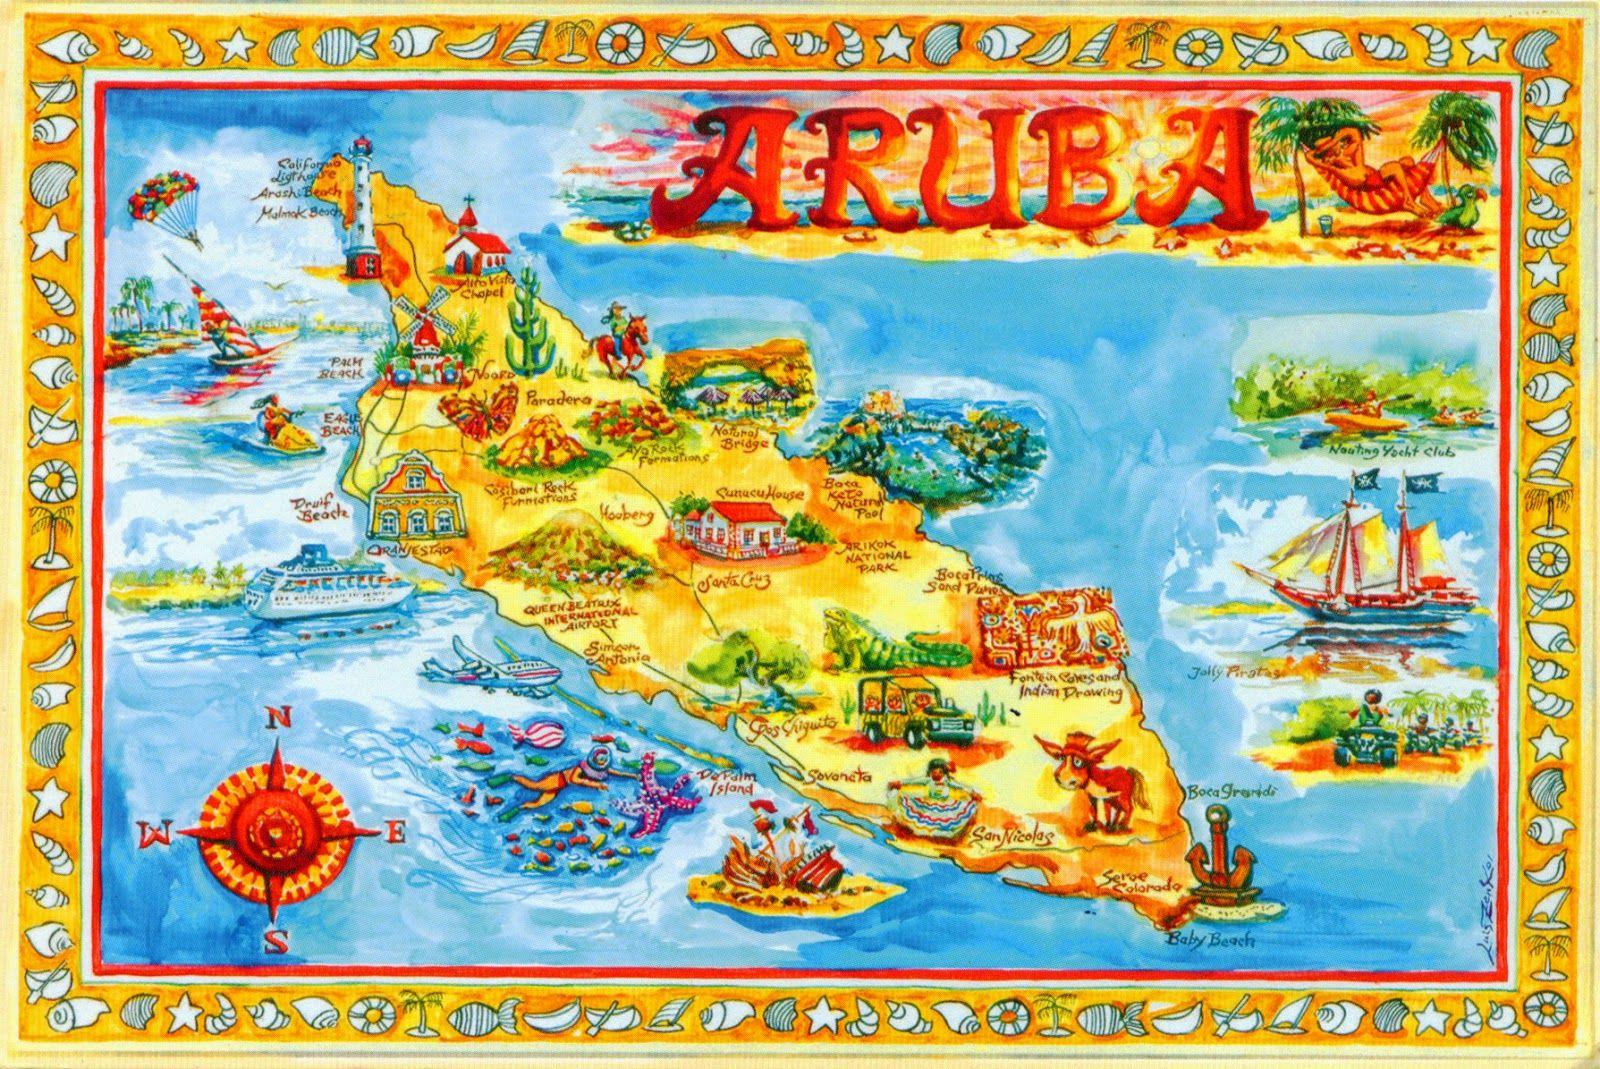 Aruba Karte Karibik.Aruba Map Pacific Caribbean Islands Karten